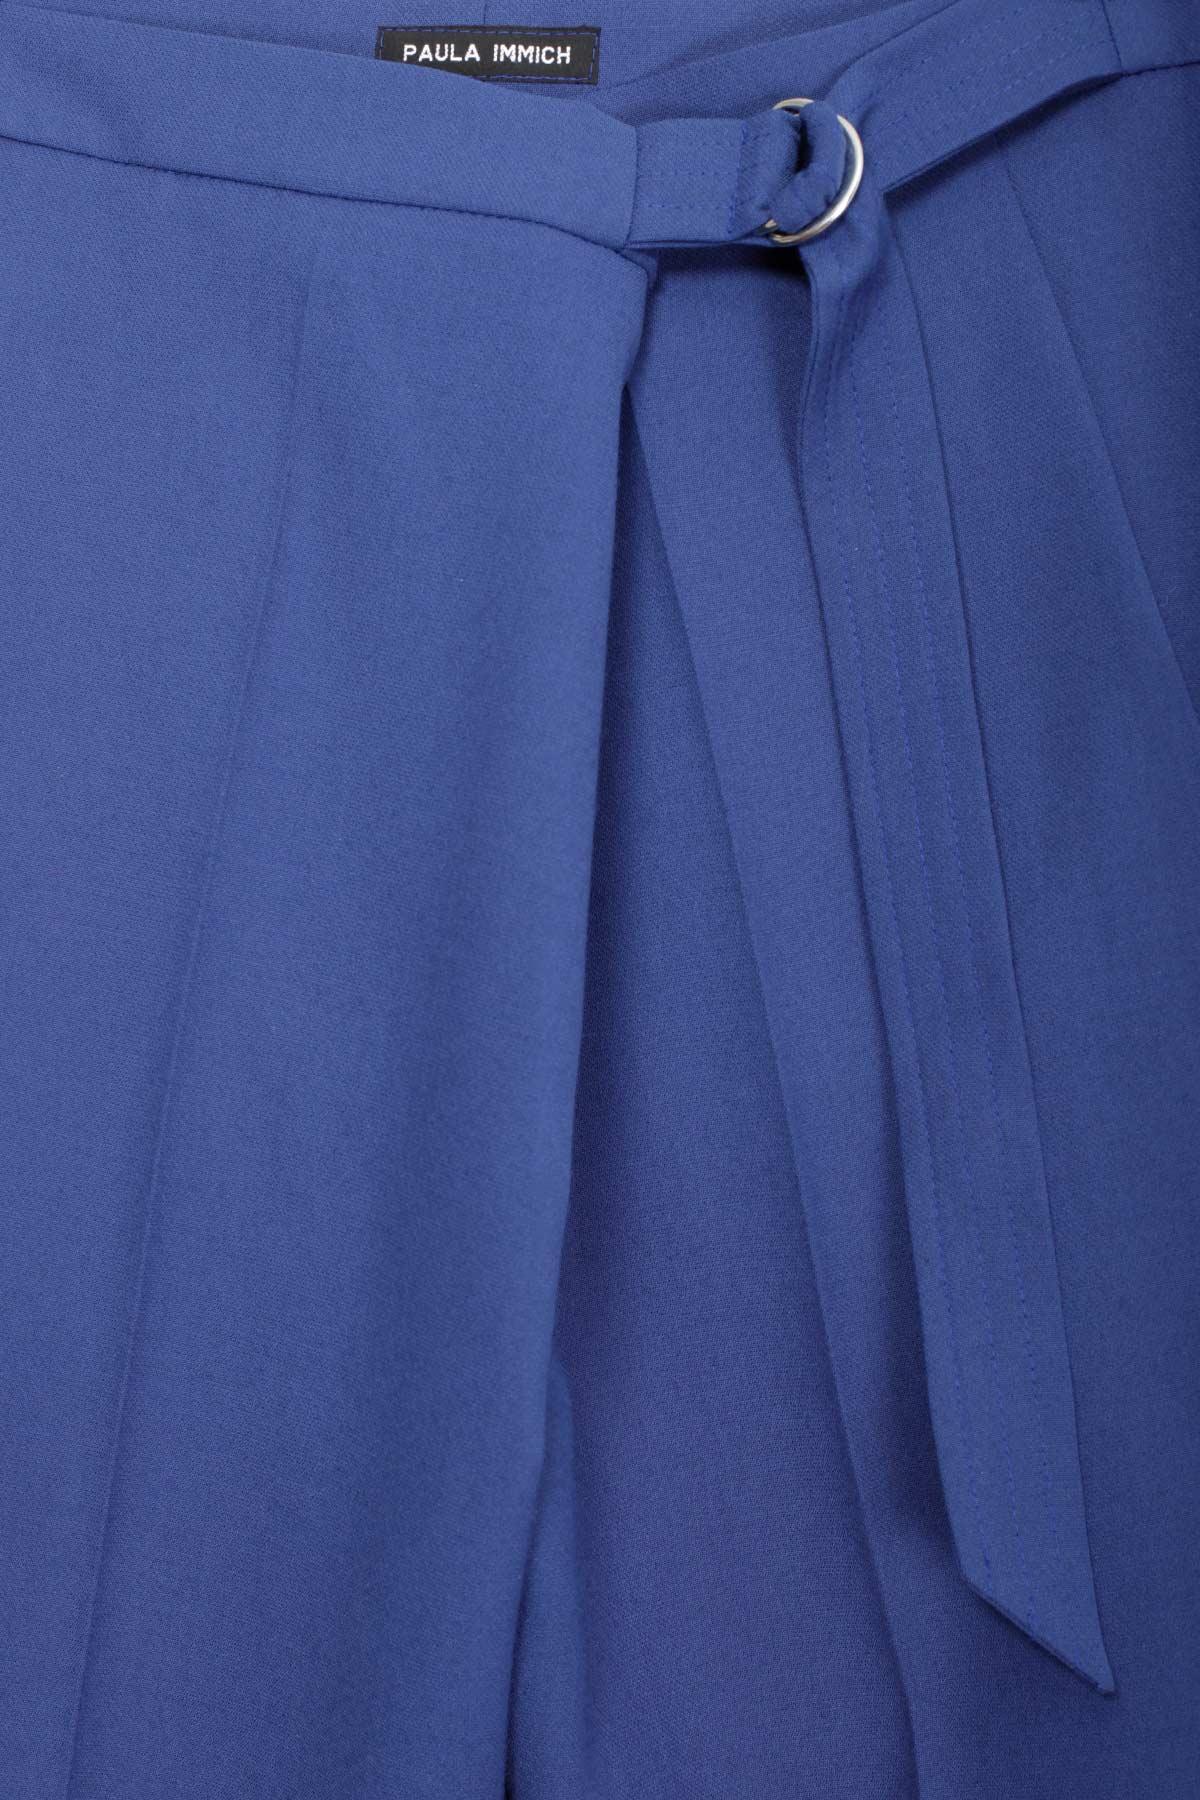 paula-immich-hose-zum-wickeln-aus-kobaltblauem-wollgemisch